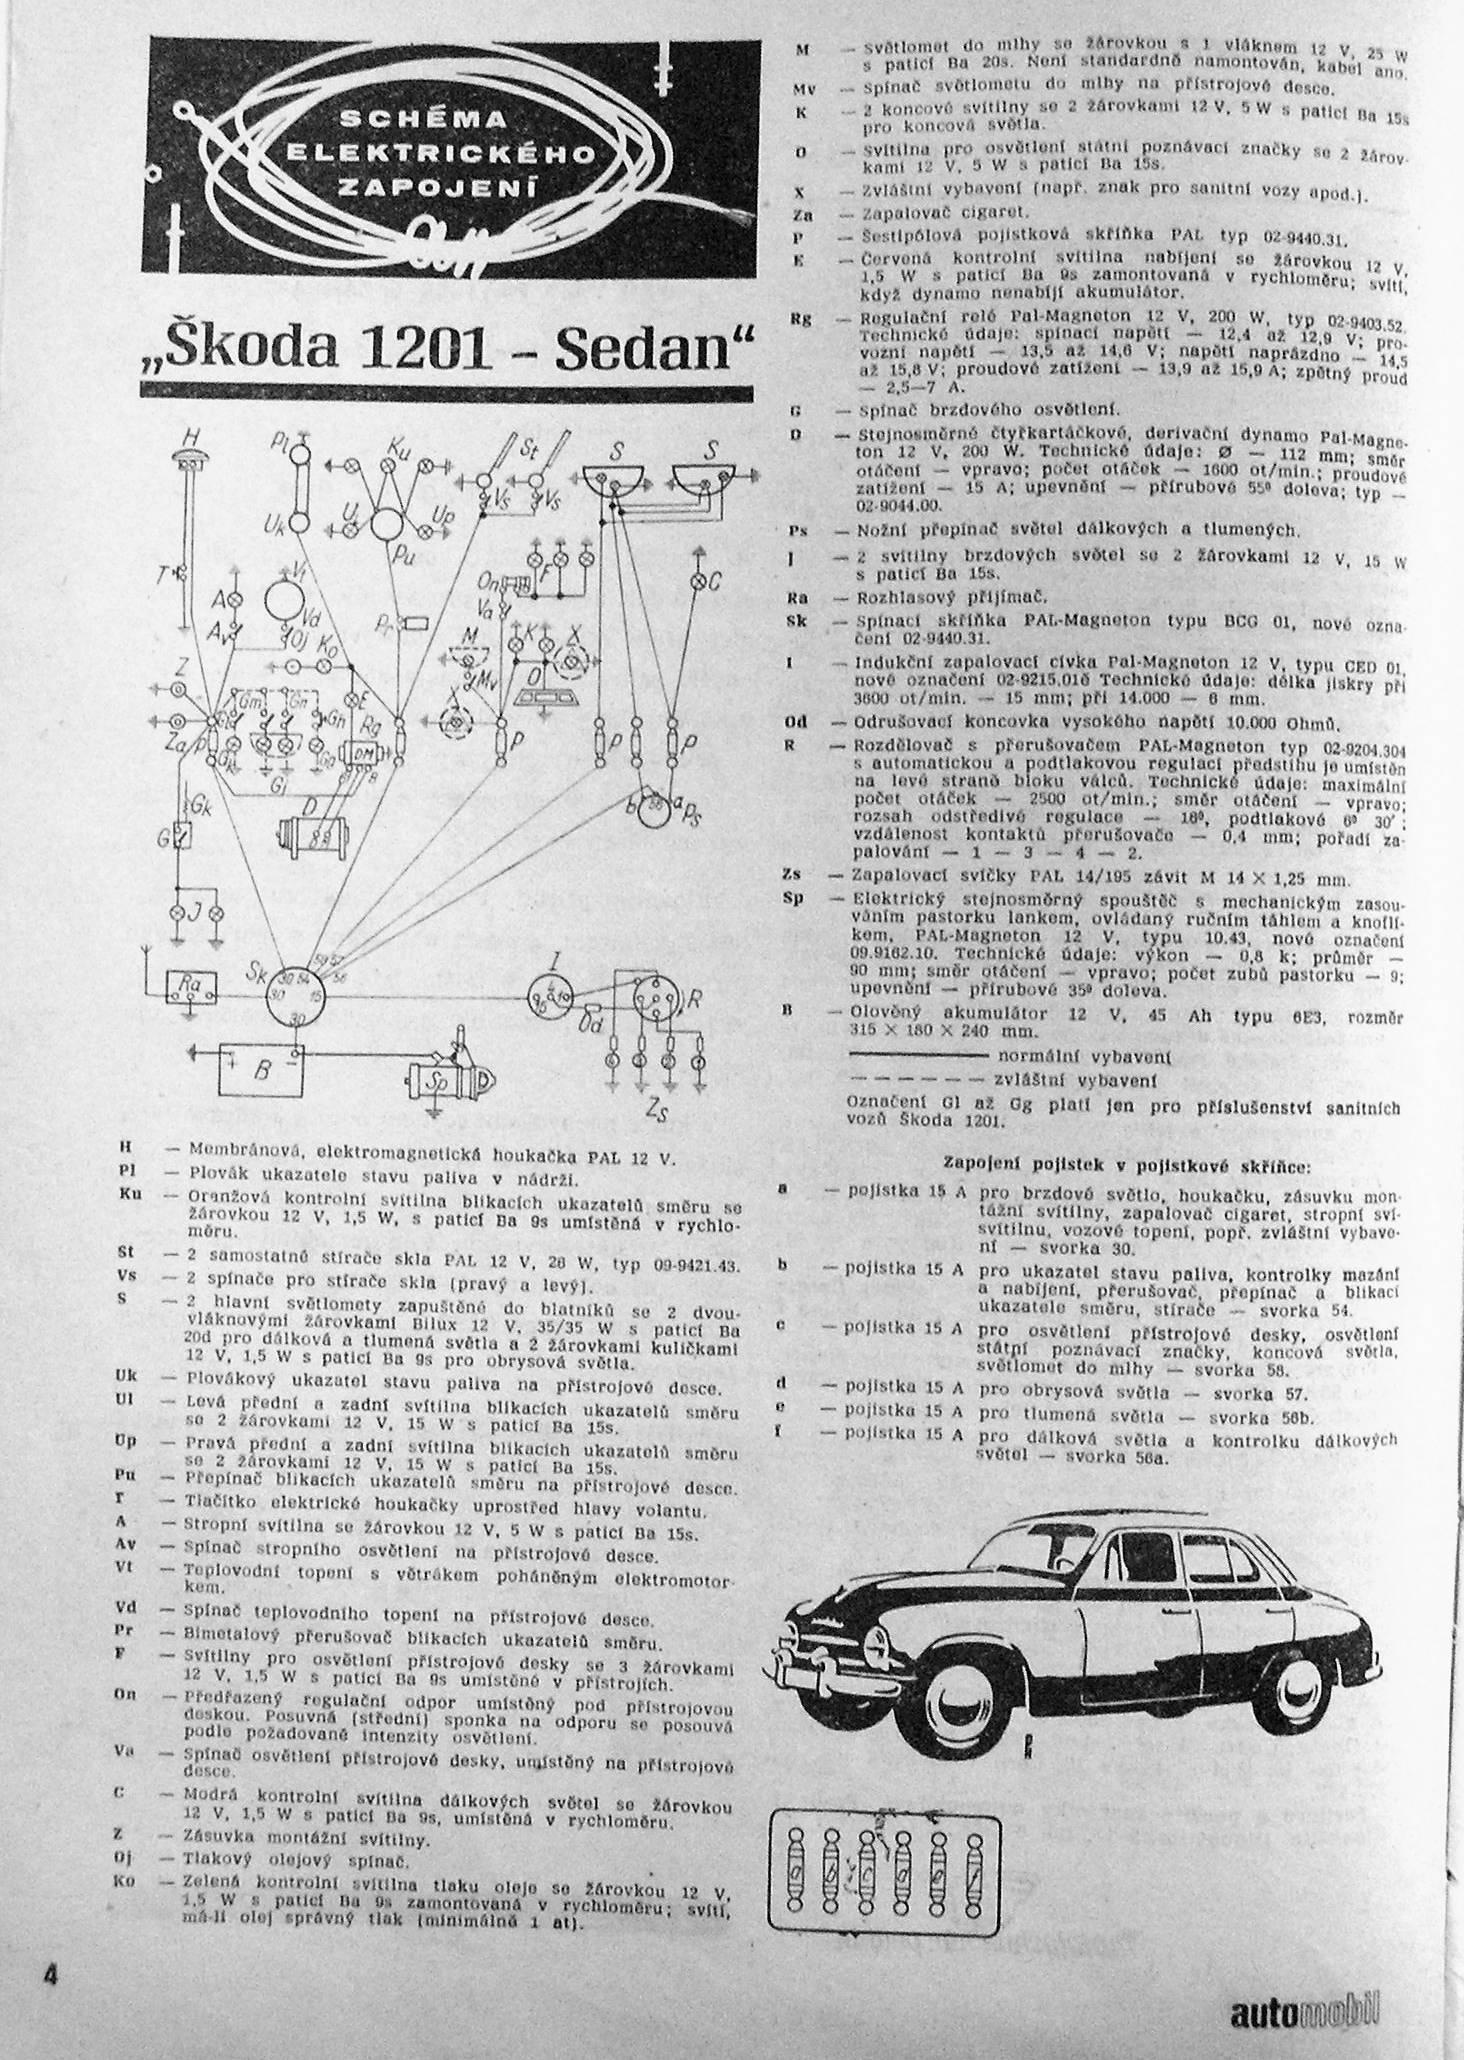 Schema Elektricke Instalace Skoda 1201